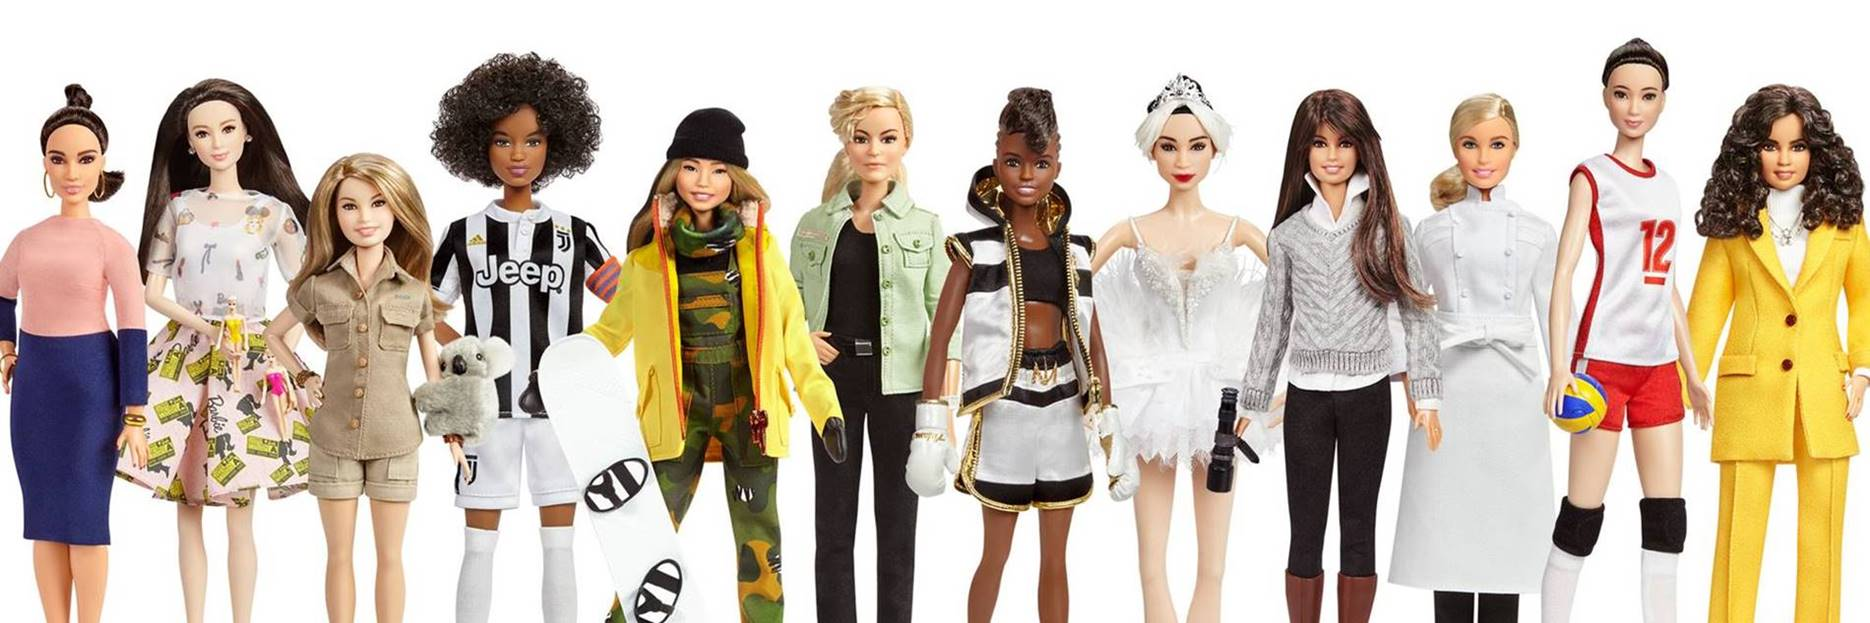 Barbie Global Shero